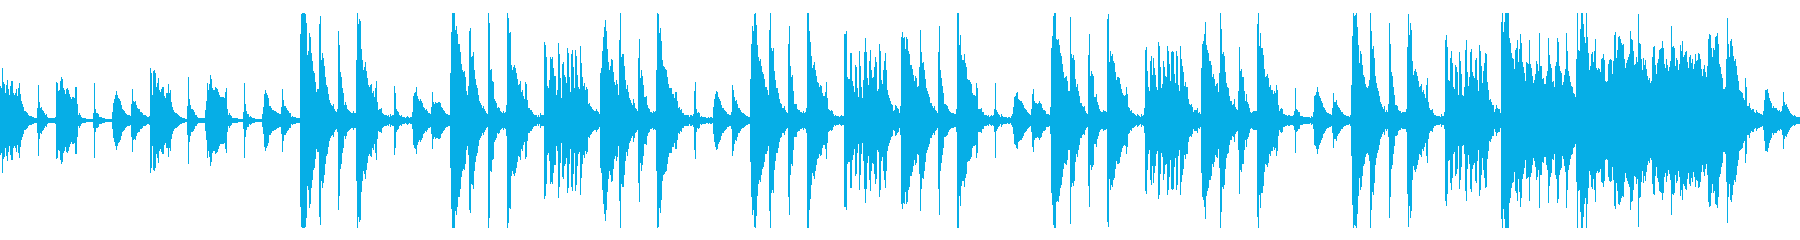 ギャグシーン風のとぼけたBGMの再生済みの波形